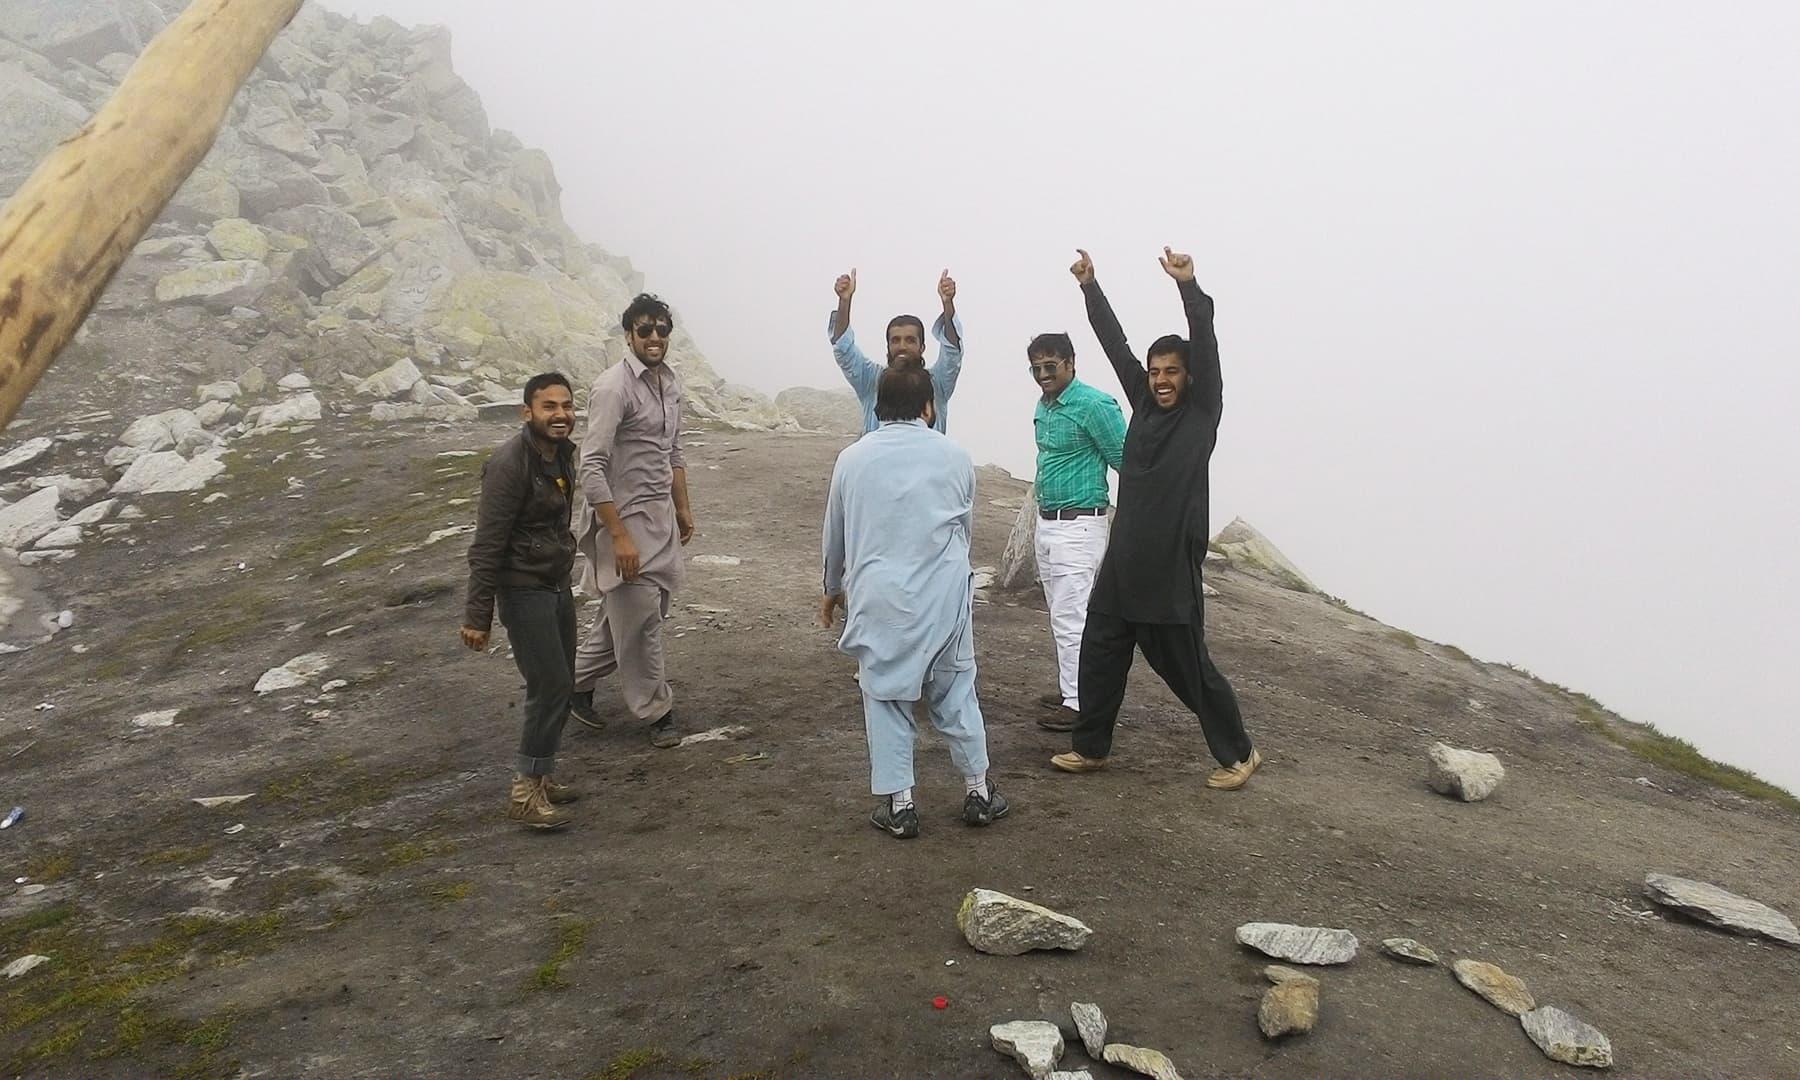 آنسو جھیل کا پردہ ہٹانے پر دوستوں نے بھنگڑا ڈالا—تصویر عظمت اکبر